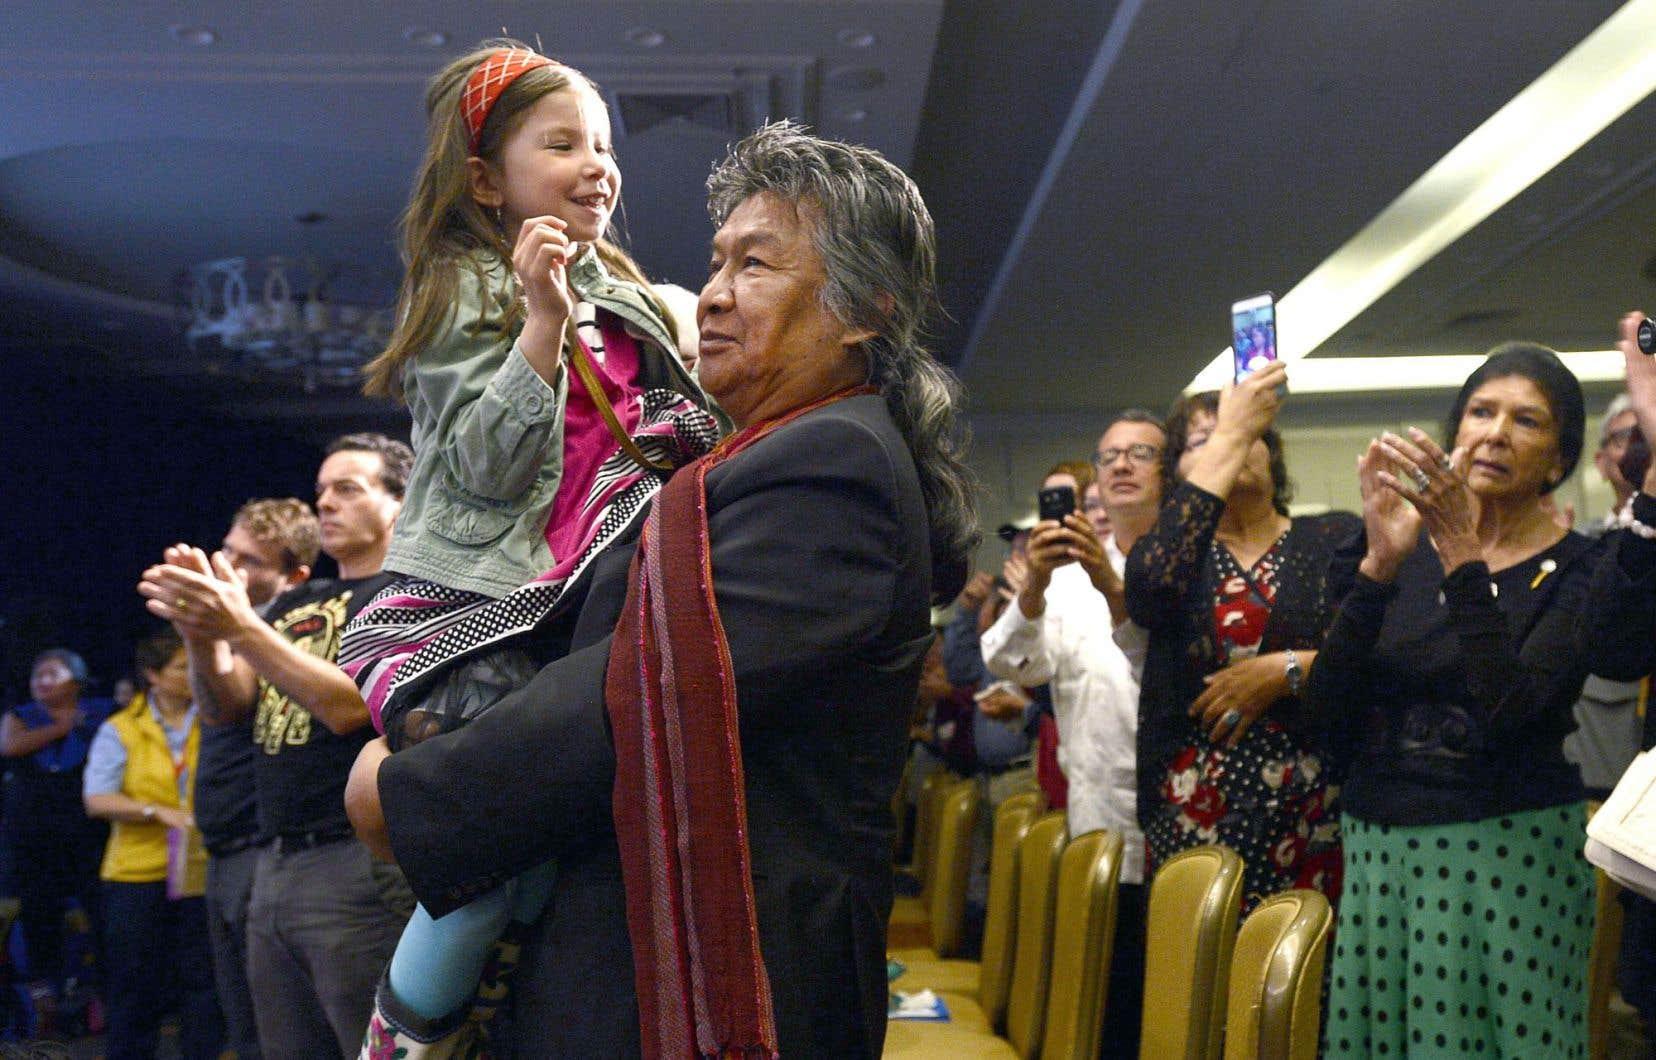 Stephen Kakfwi, ancien premier ministre des Territoires du Nord-Ouest, tenant dans ses bras sa petite-fille, Sadeya Kakfwi-Scott, était à Ottawa pour assister au dépôt du rapport tant attendu.